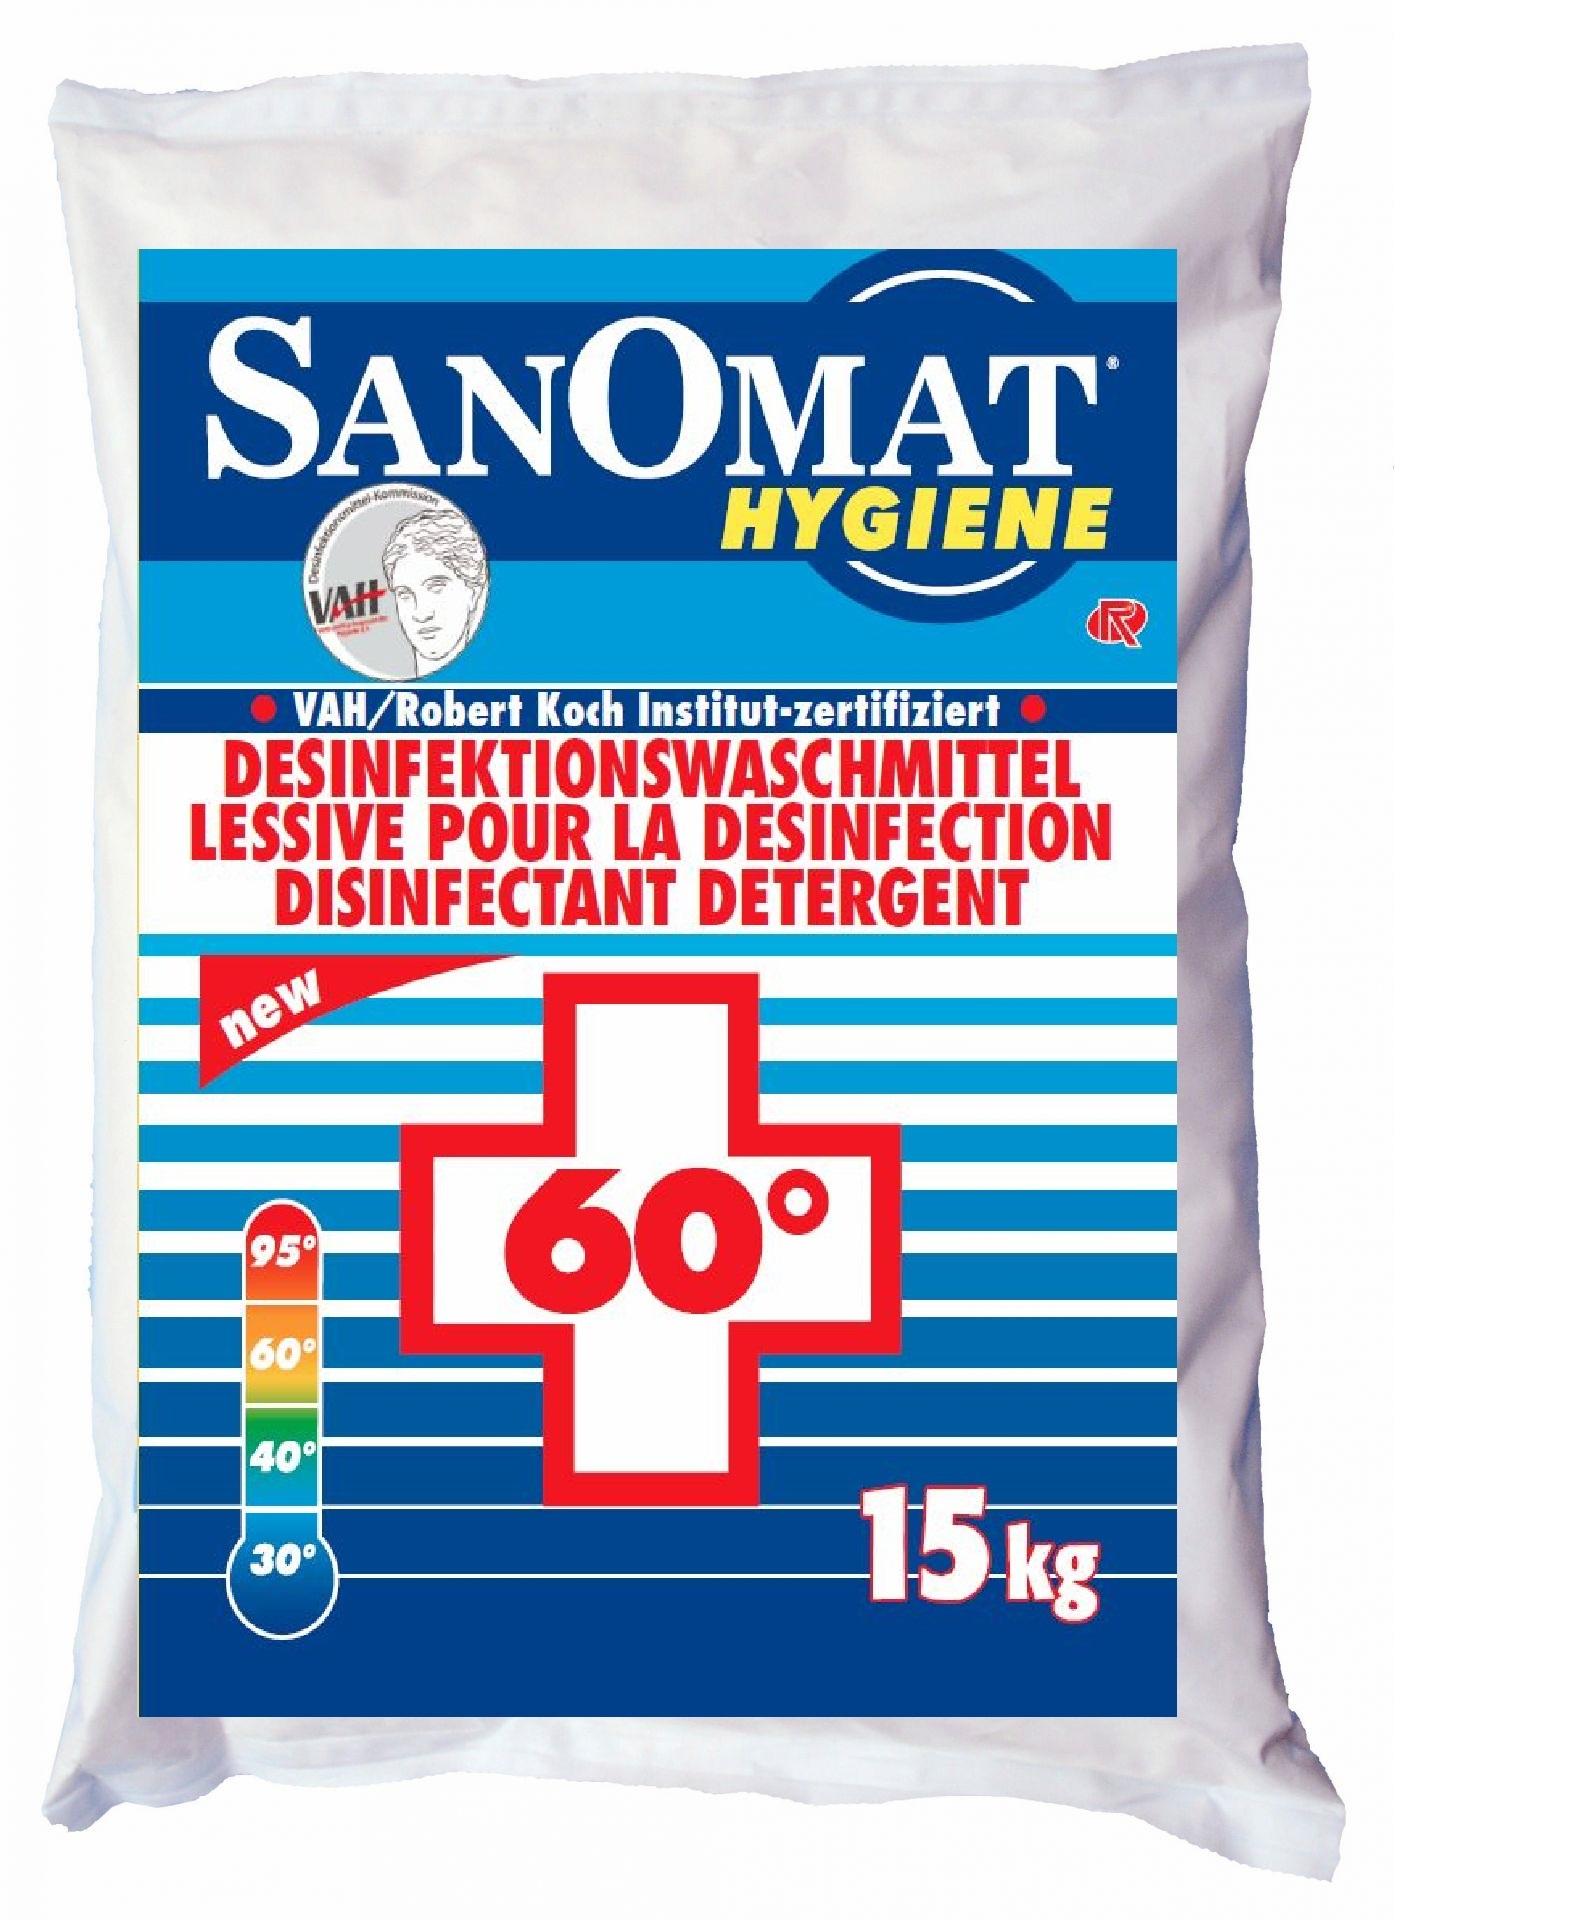 Desinfektionswaschmittel Sanomat, chemothermische Desinfektion VAH gelistet, weiß, 15 kg